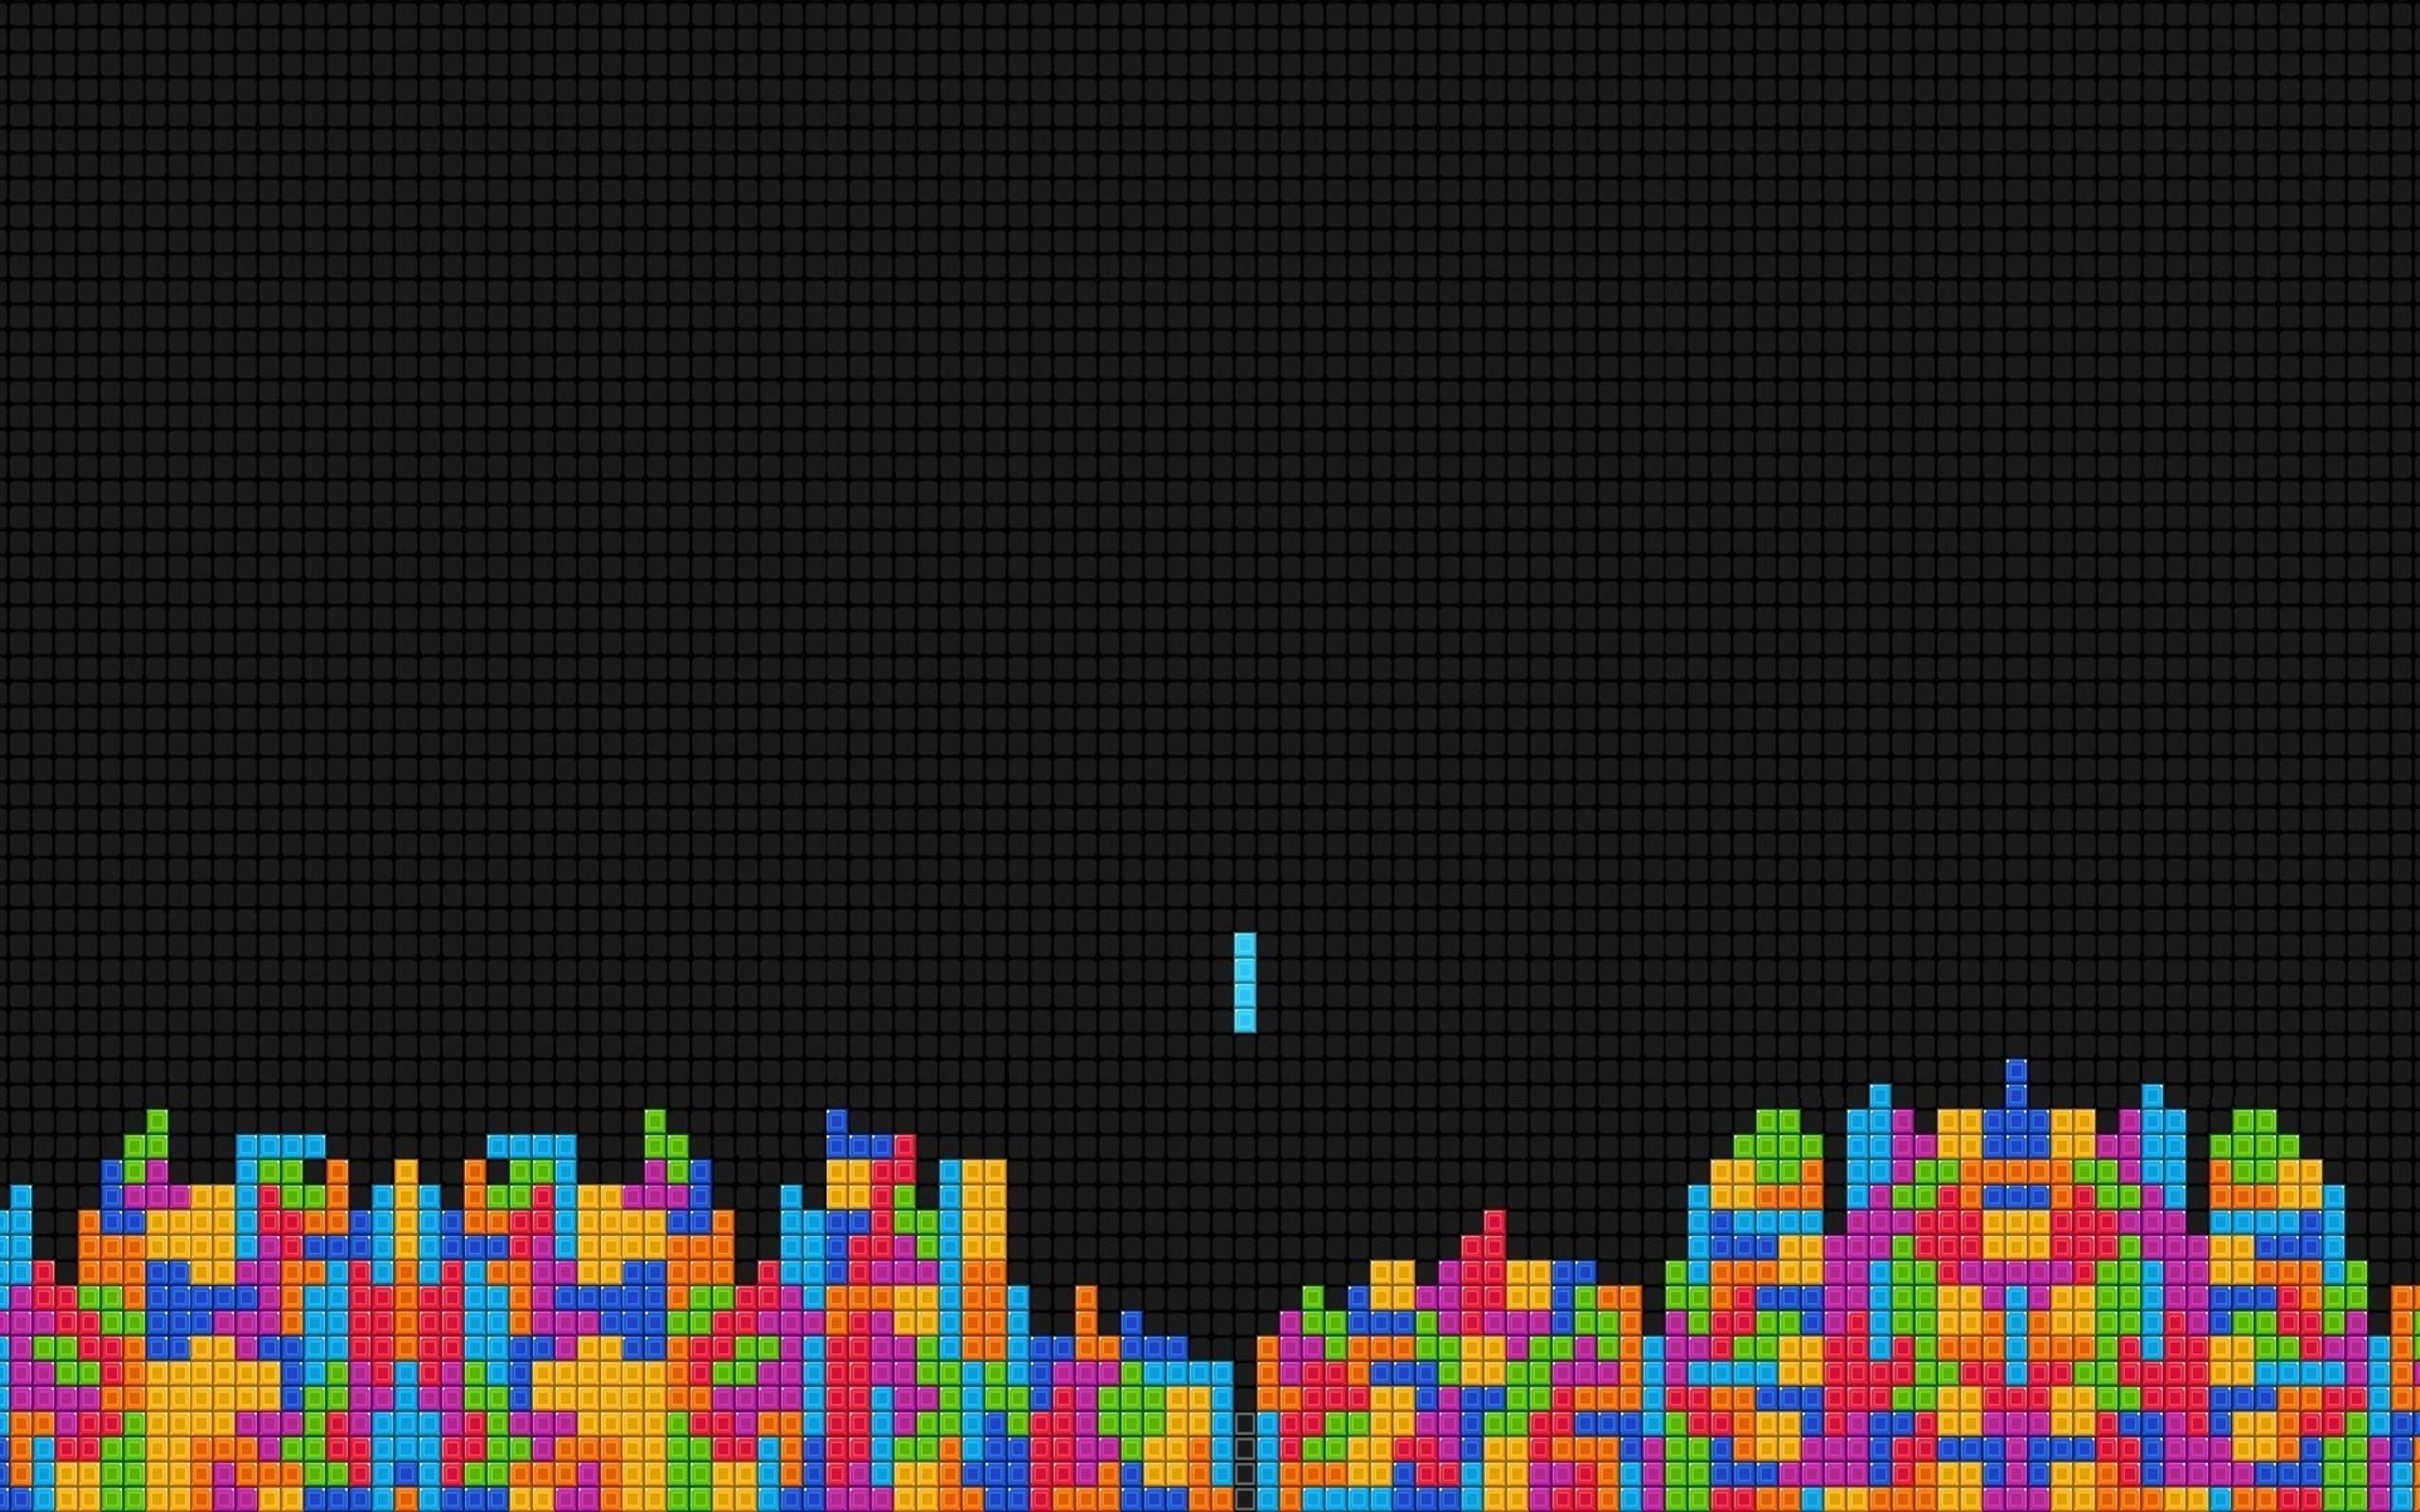 High Quality Digitale Kunst Videospiele Text Muster Tetris Farbe Gestalten Entwurf Linie  Nummer Bildschirmfoto Computer Tapete Schriftart Awesome Ideas